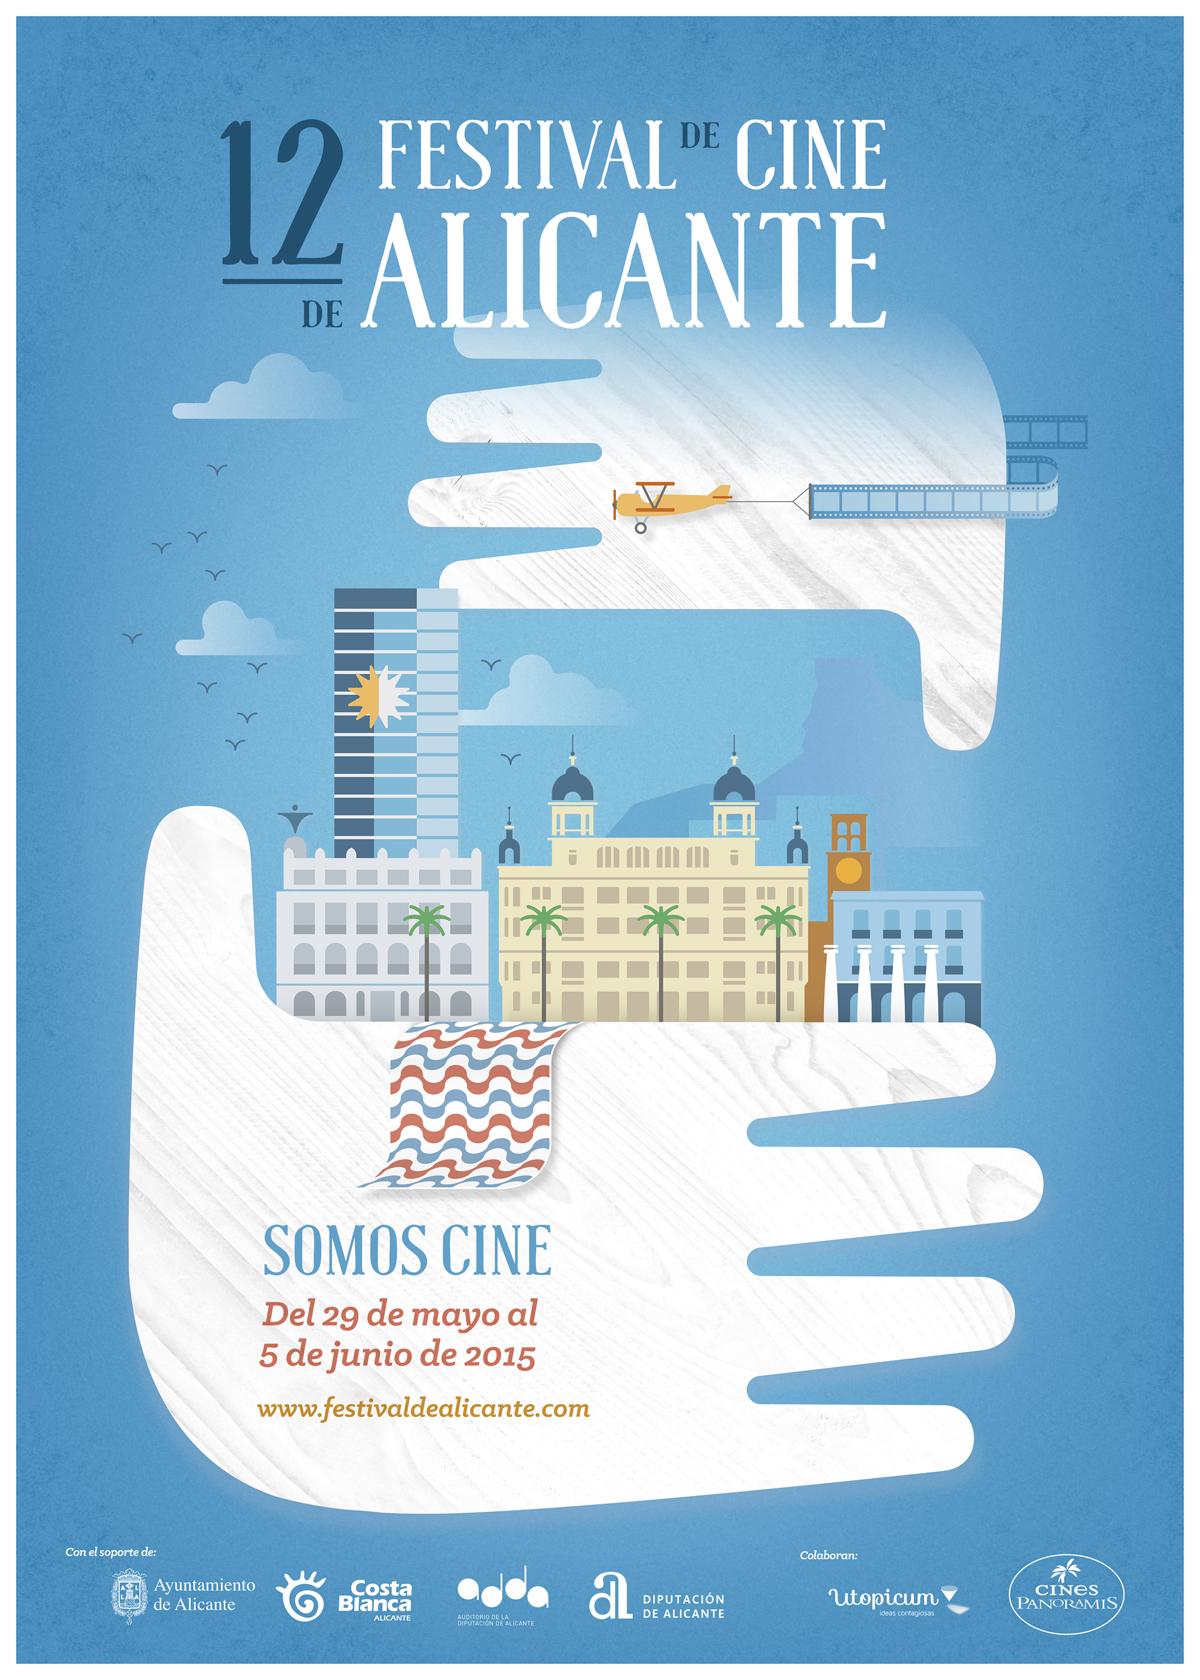 Edición año 2015 del Festival de Cine de Alicante